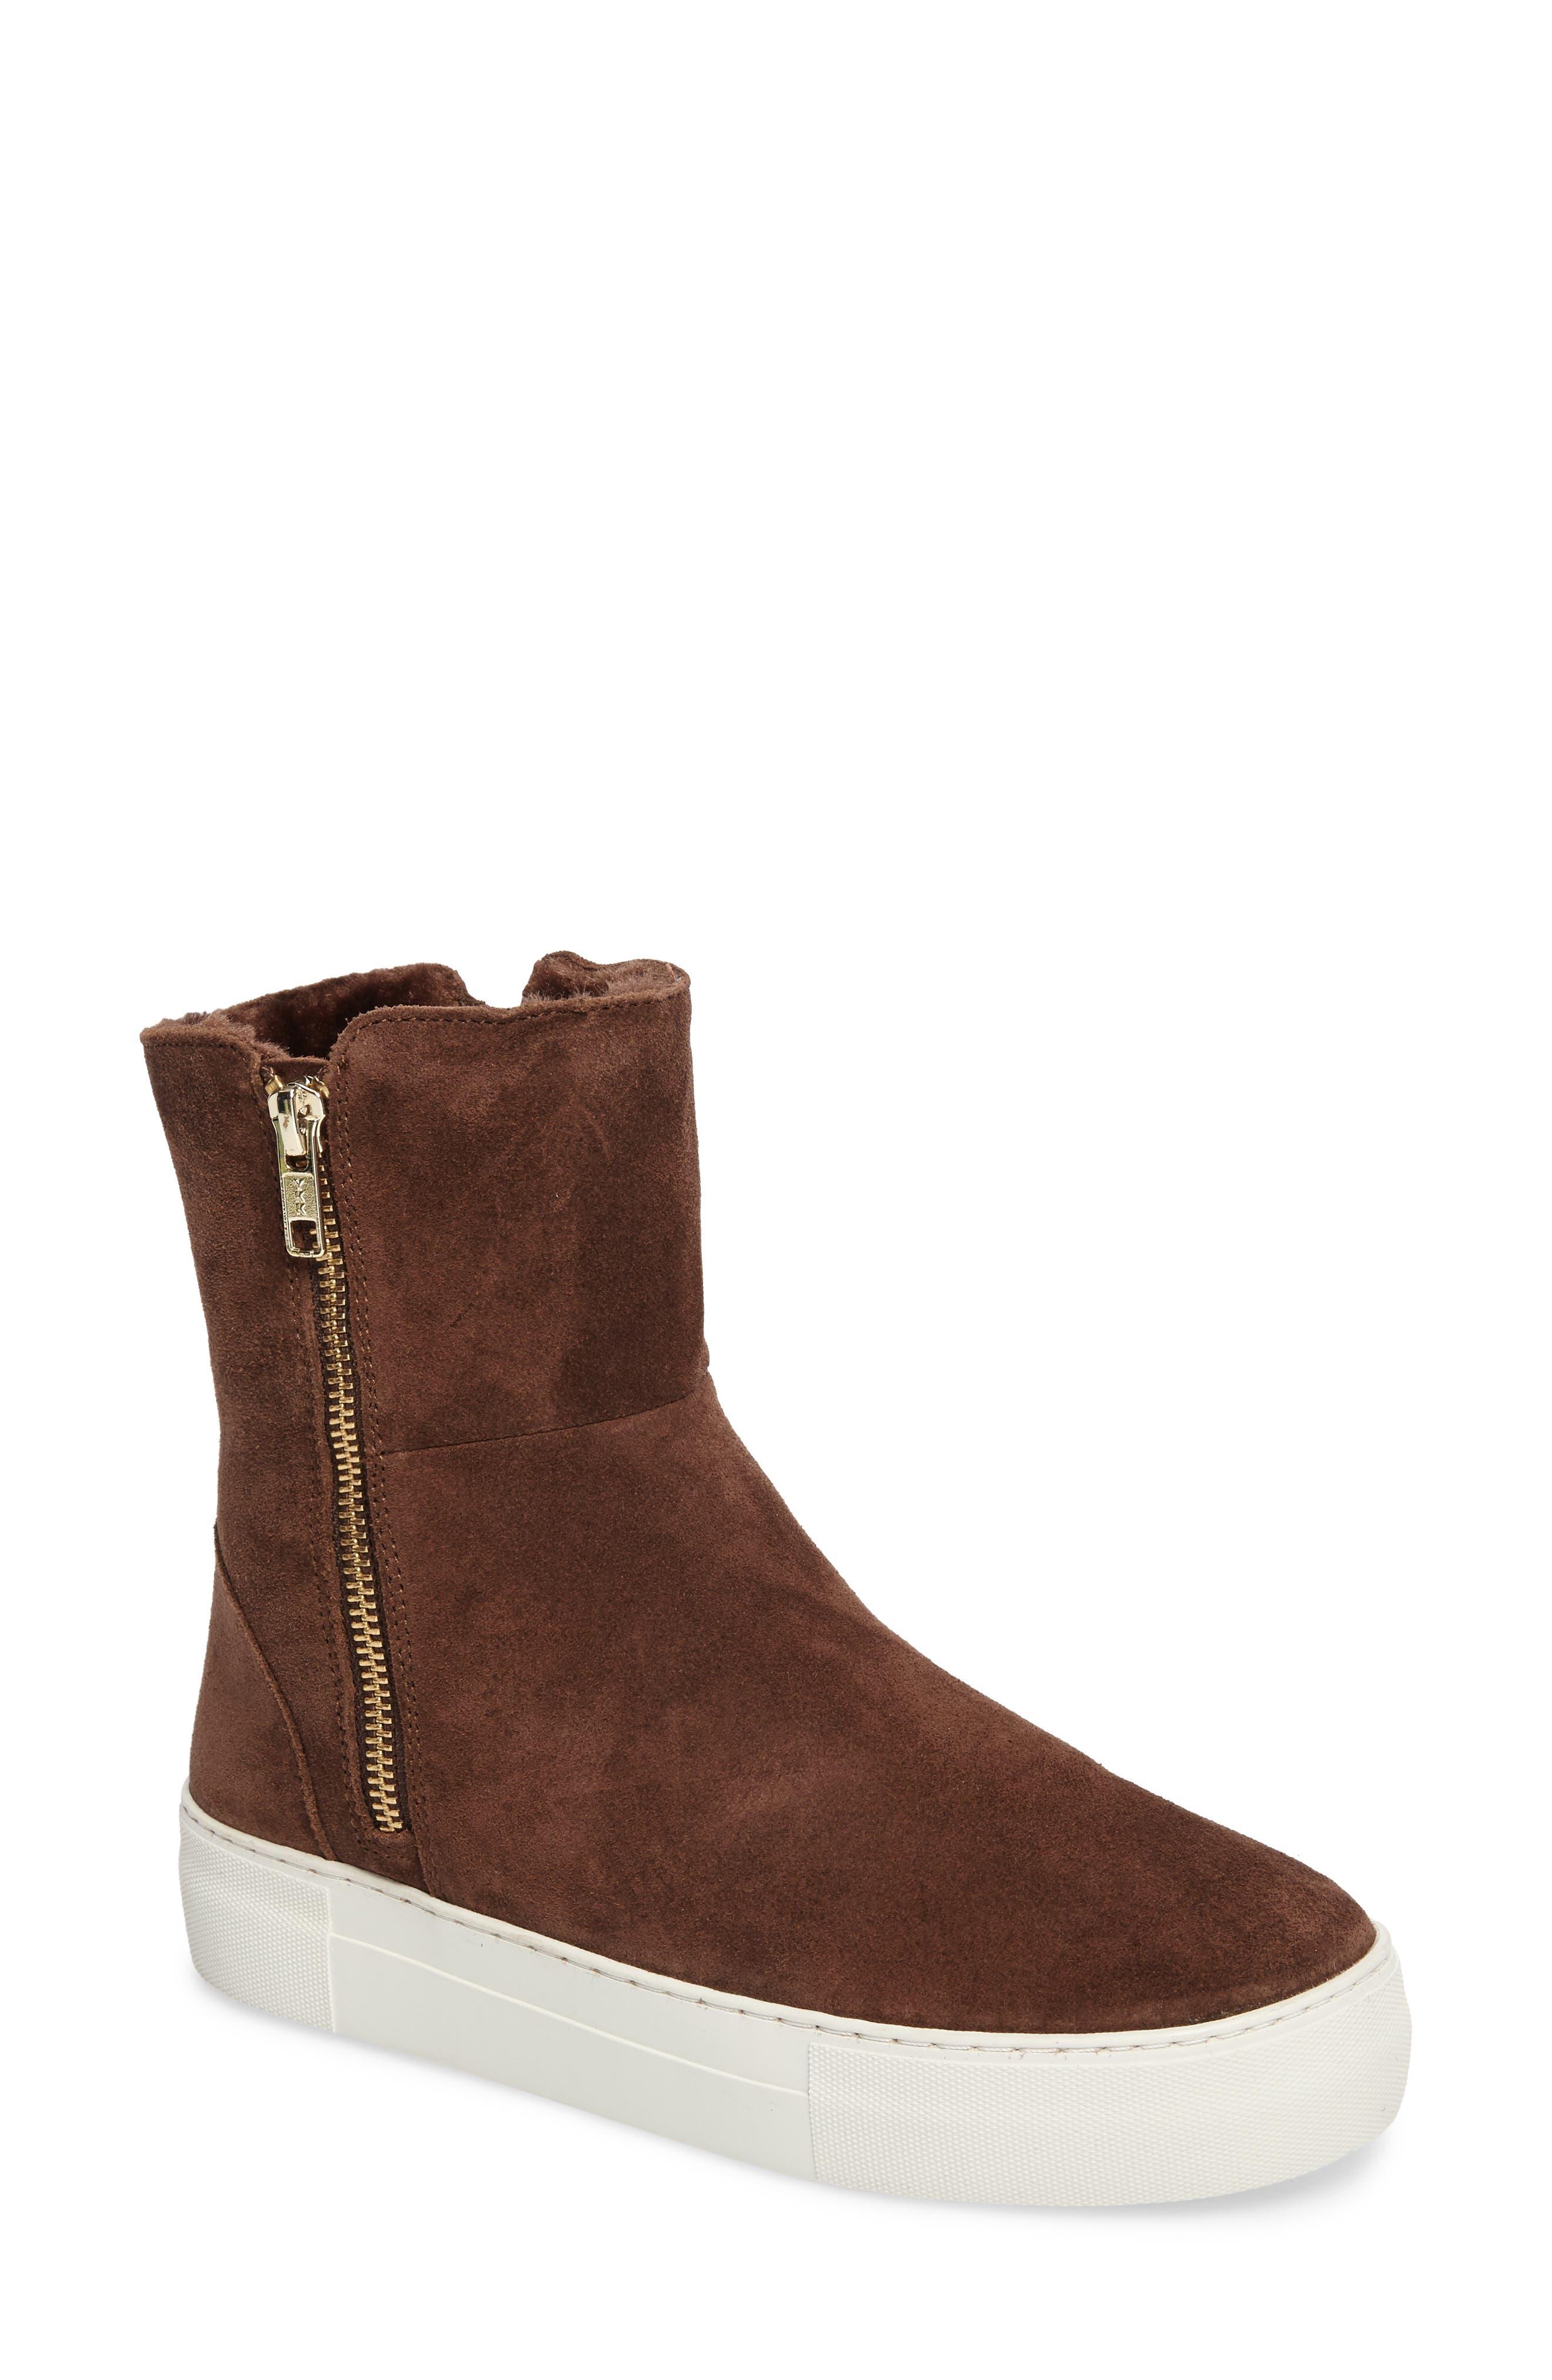 caca1c763c40 JSlides Shoes